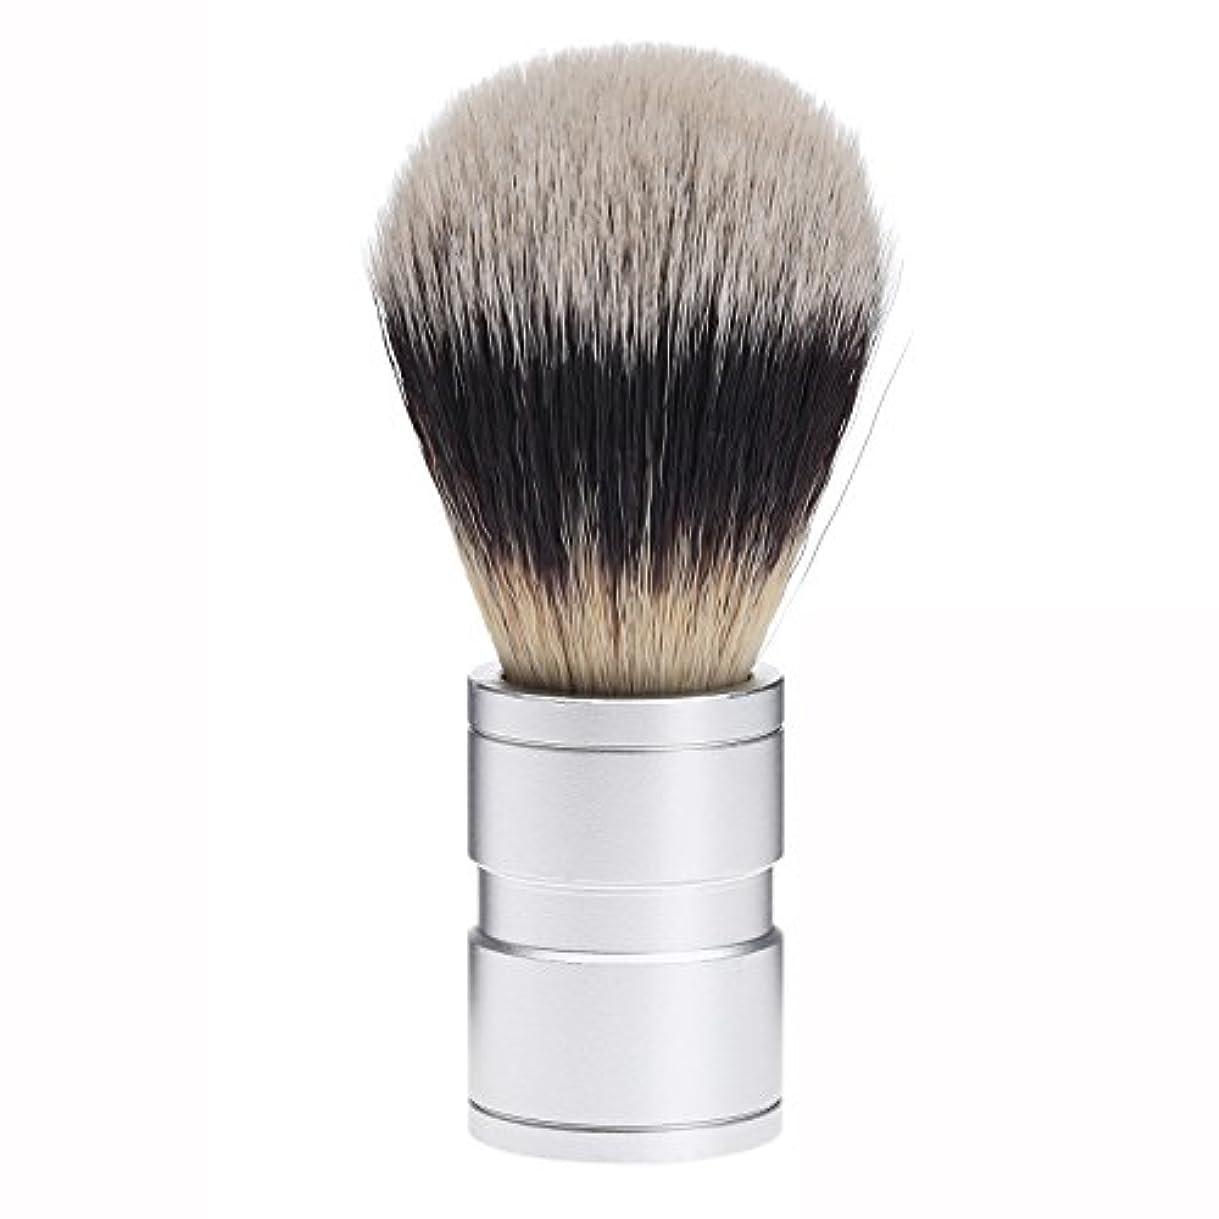 脱走情緒的うるさいDophee  シェービング用ブラシ シェービングブラシ メンズ 洗顔ブラシ イミテーションアナグマ毛 ファイン模倣 理容 洗顔 髭剃り